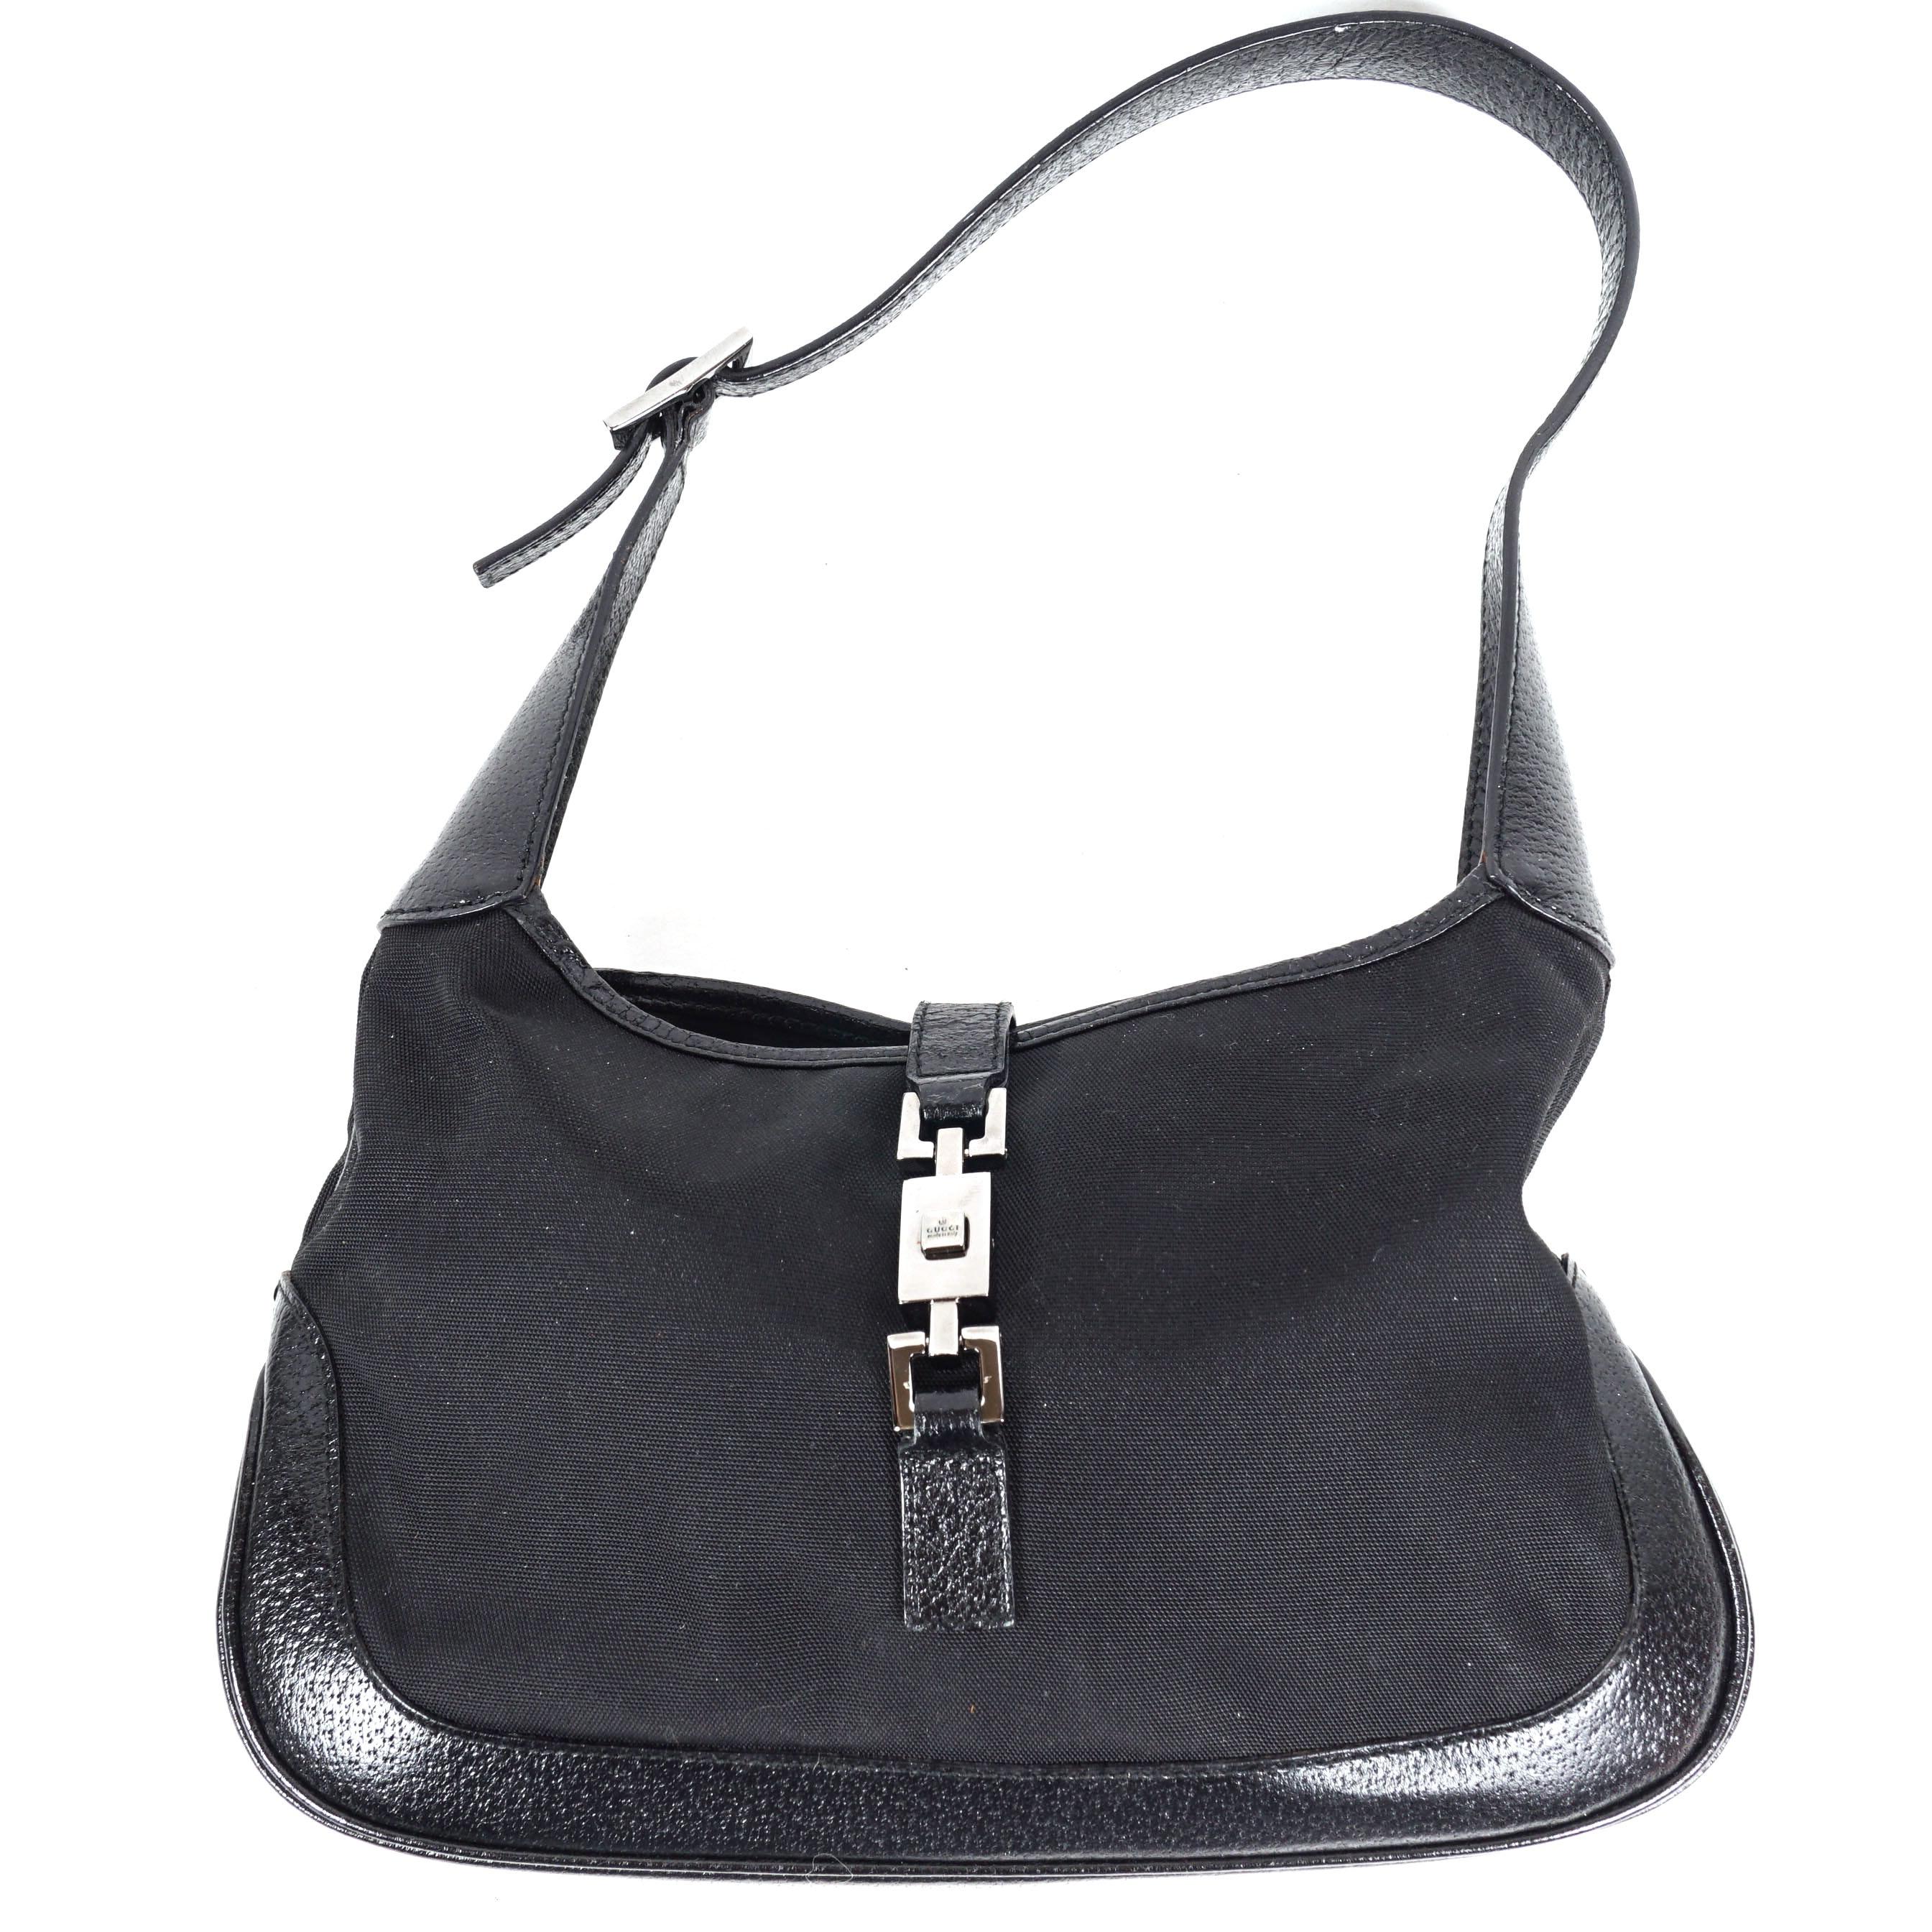 Gucci Black Jackie O Small Hobo Bag